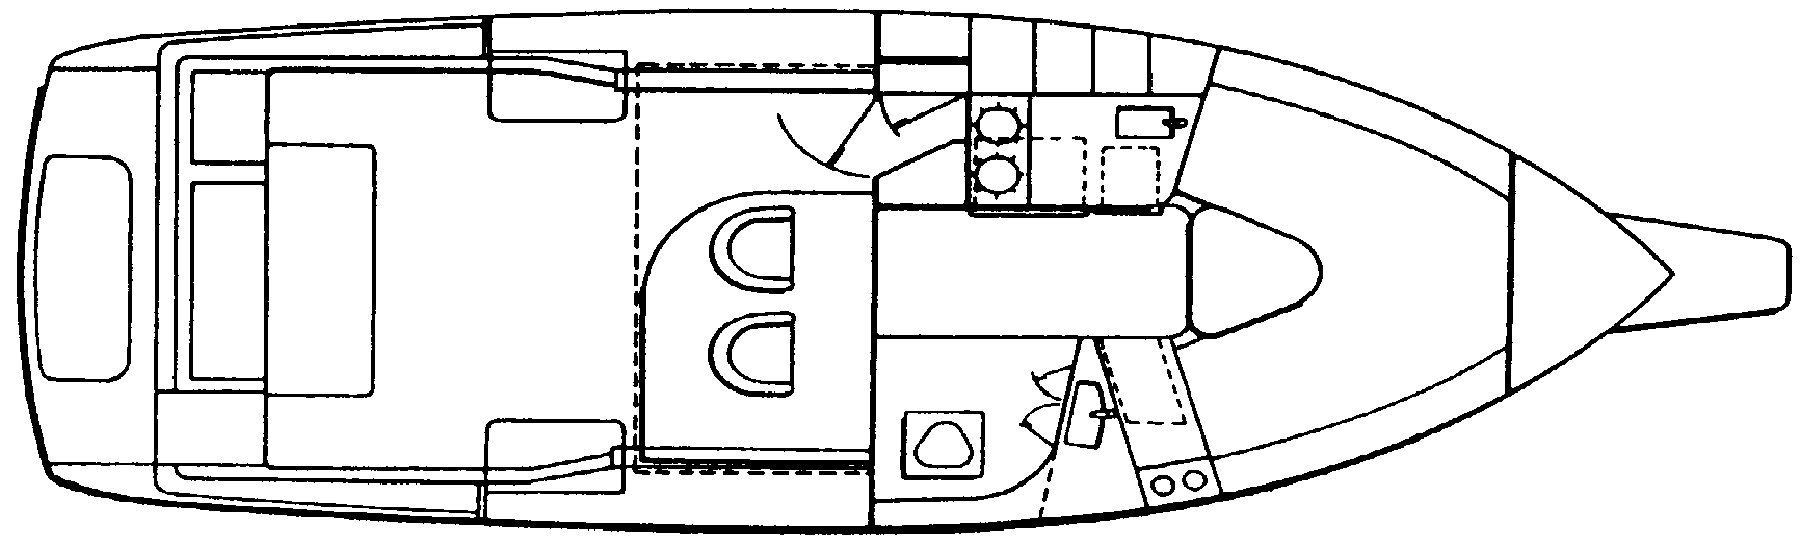 290 Express Floor Plan 1